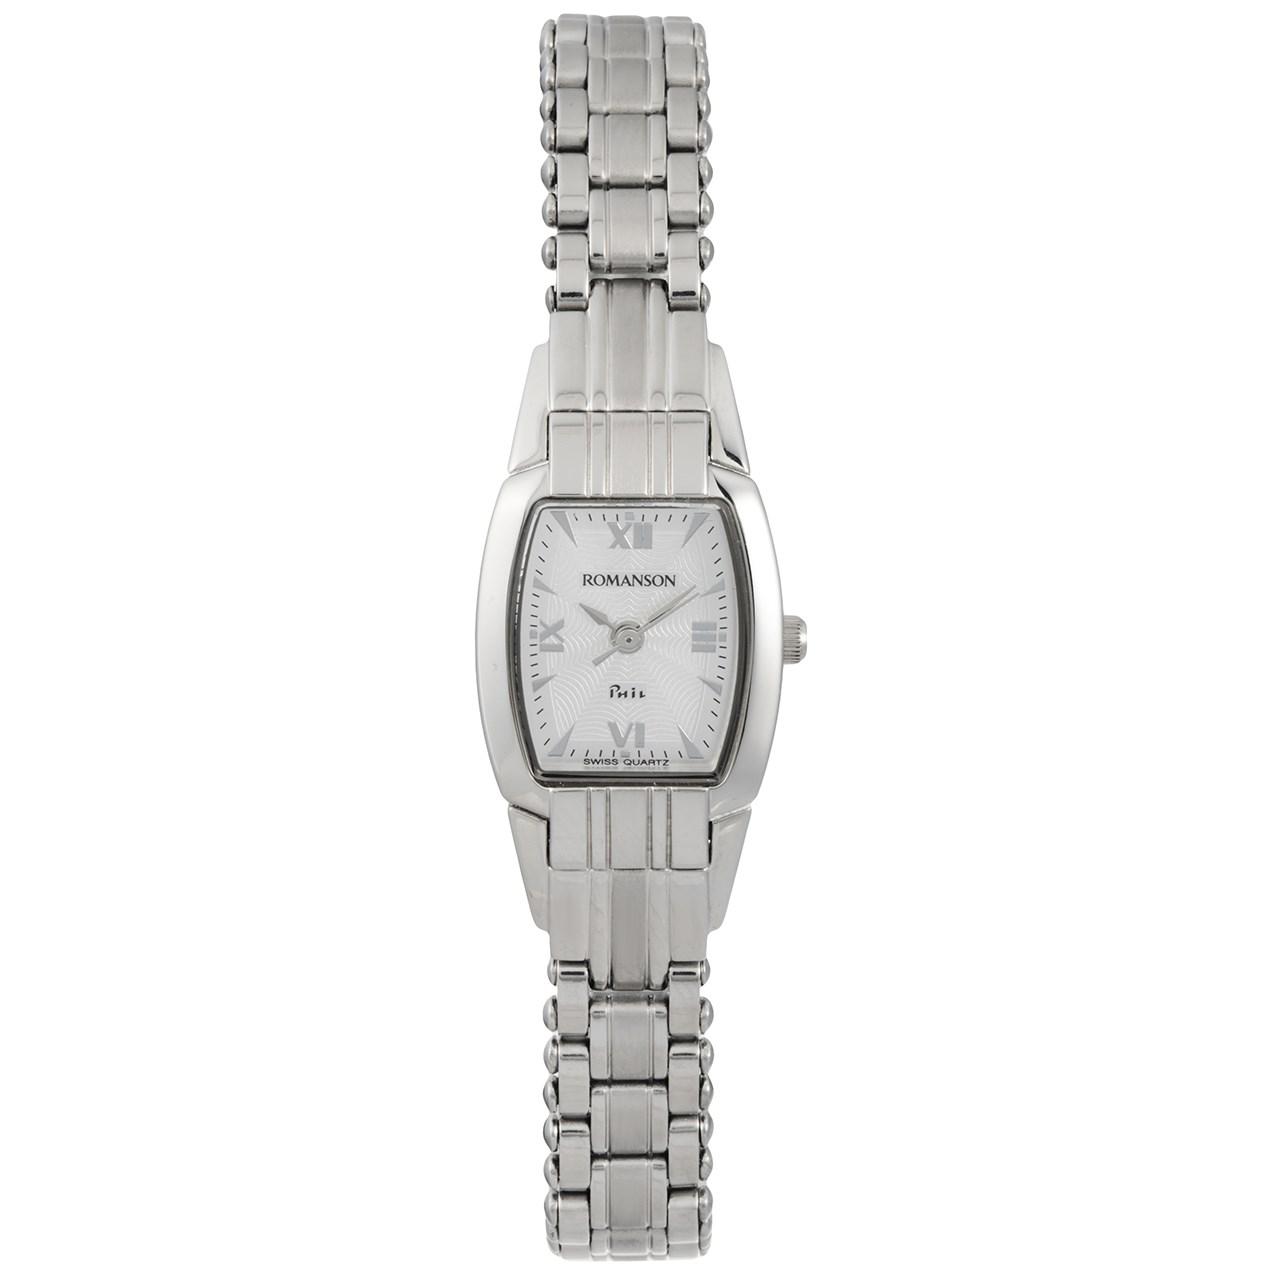 ساعت مچی عقربه ای زنانه رومانسون مدل NM9957LL1WAS2W 50